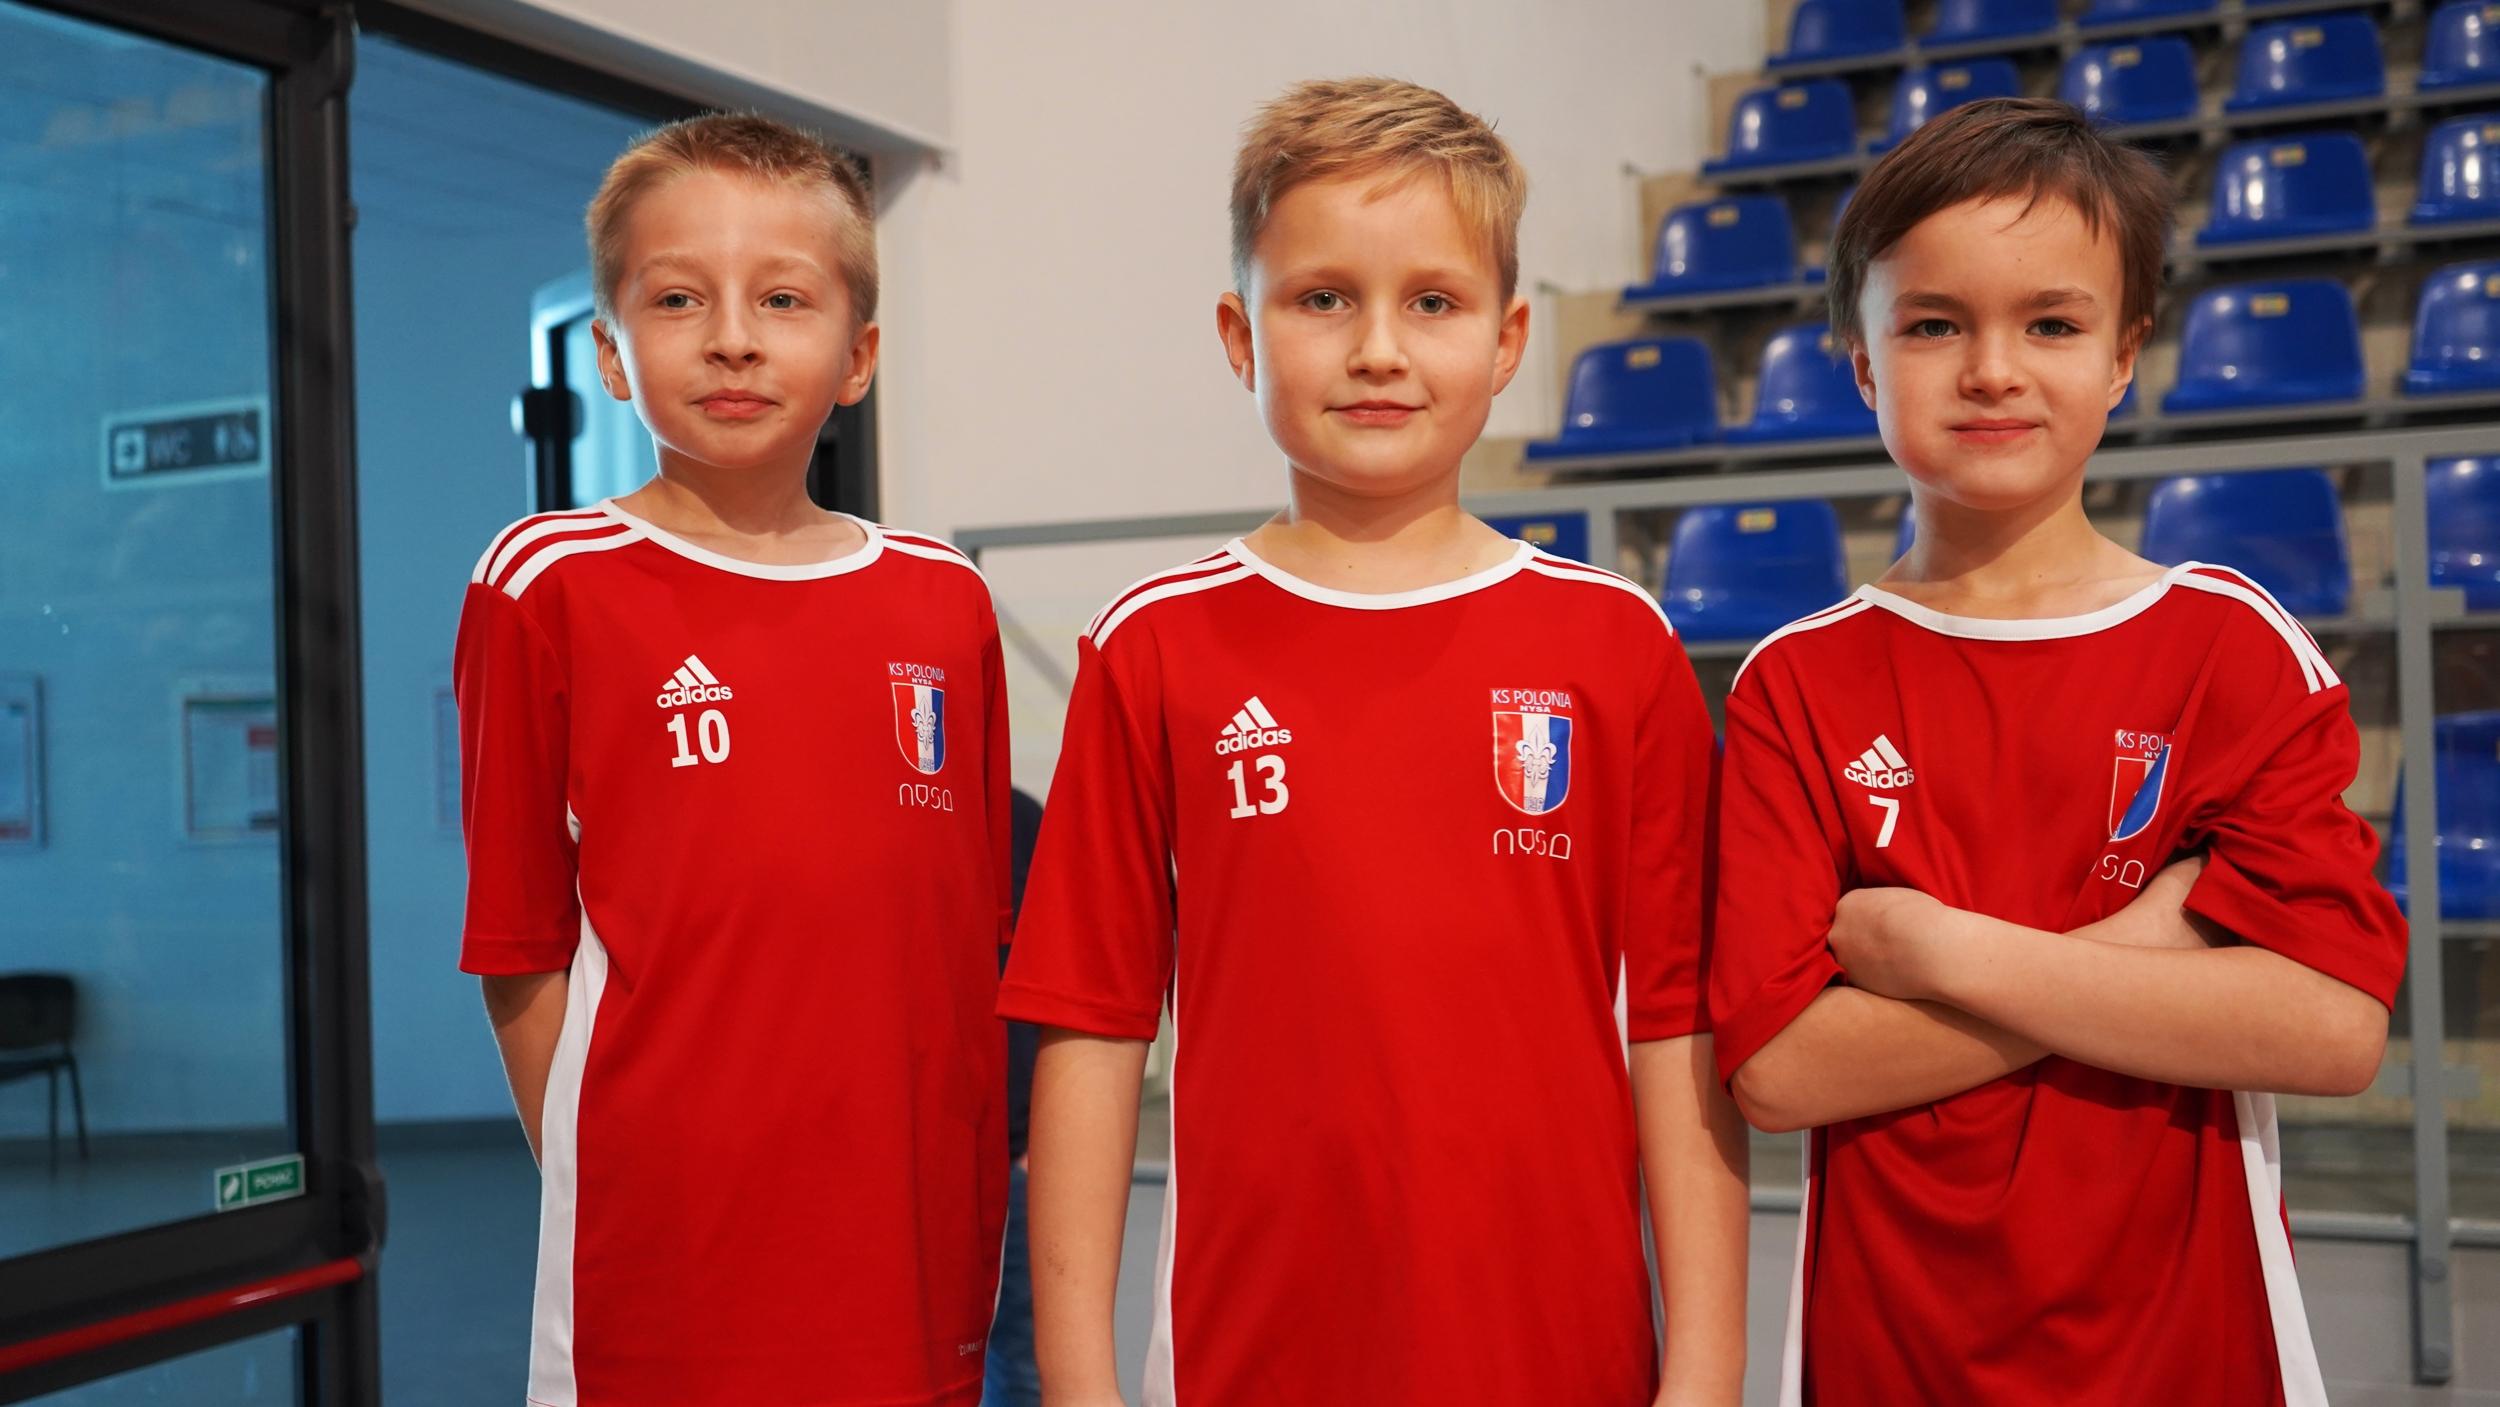 Piłkarska gwiazdka w Hali Nysa